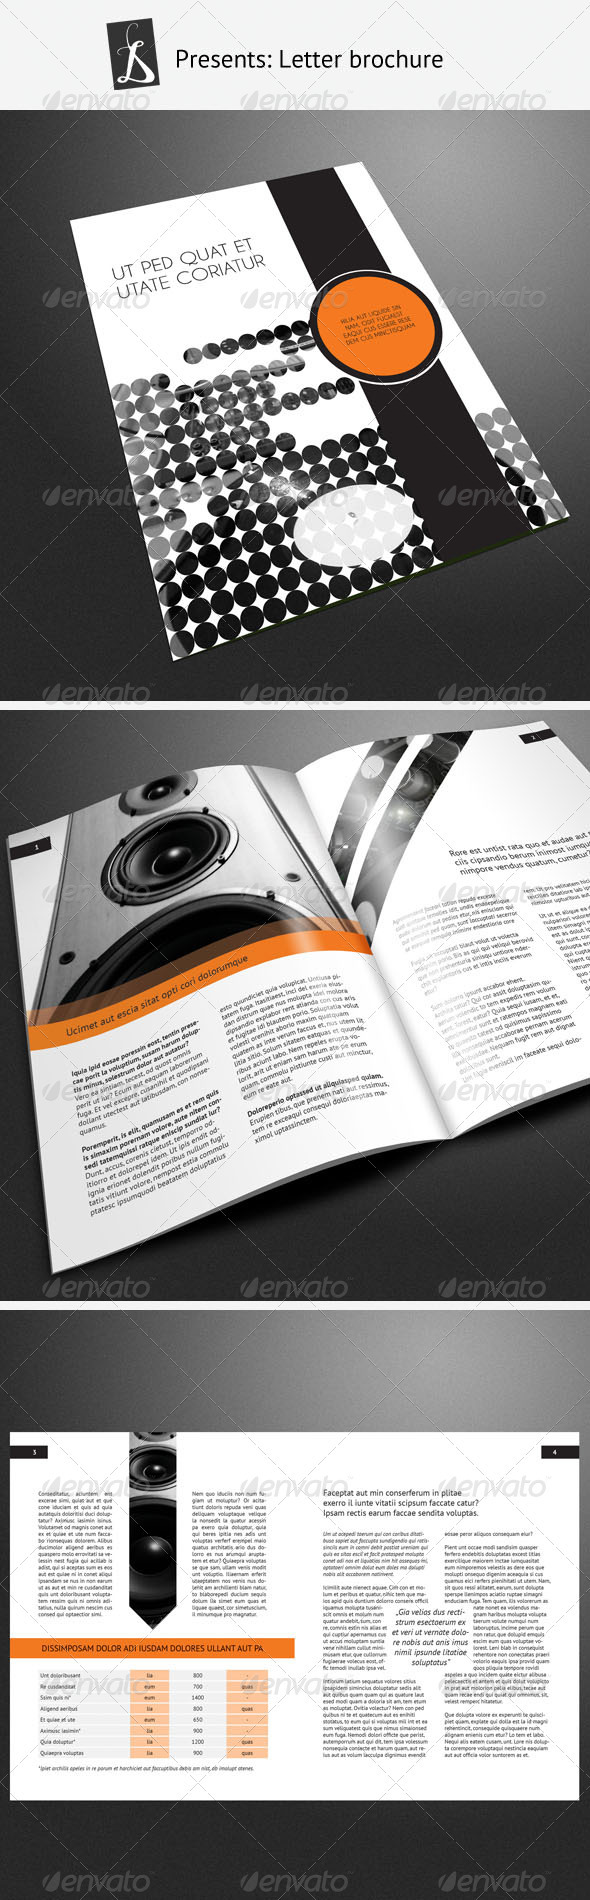 Corporate Brochure 9 - Corporate Brochures